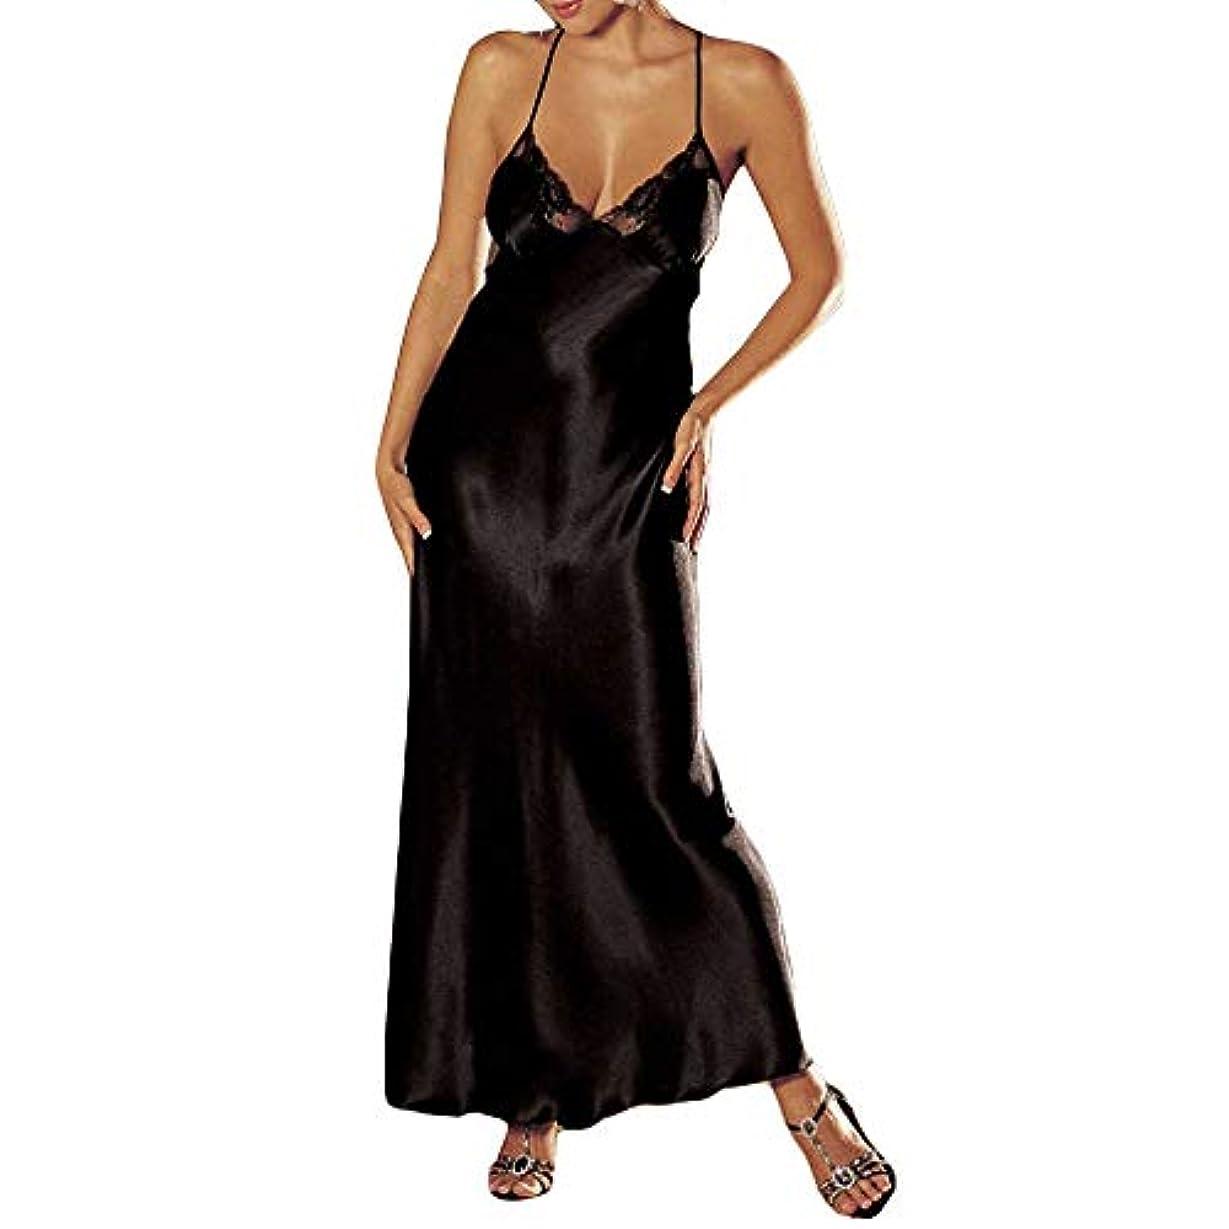 浴室下手半円吊りドレス liqiuxiang ウーマン 快適 柔らかい ロングスカート 女性 エレガント 着心地 通気性抜群 パジャマ レディース 上下 花柄 ノースリーブ 高級 襦袢